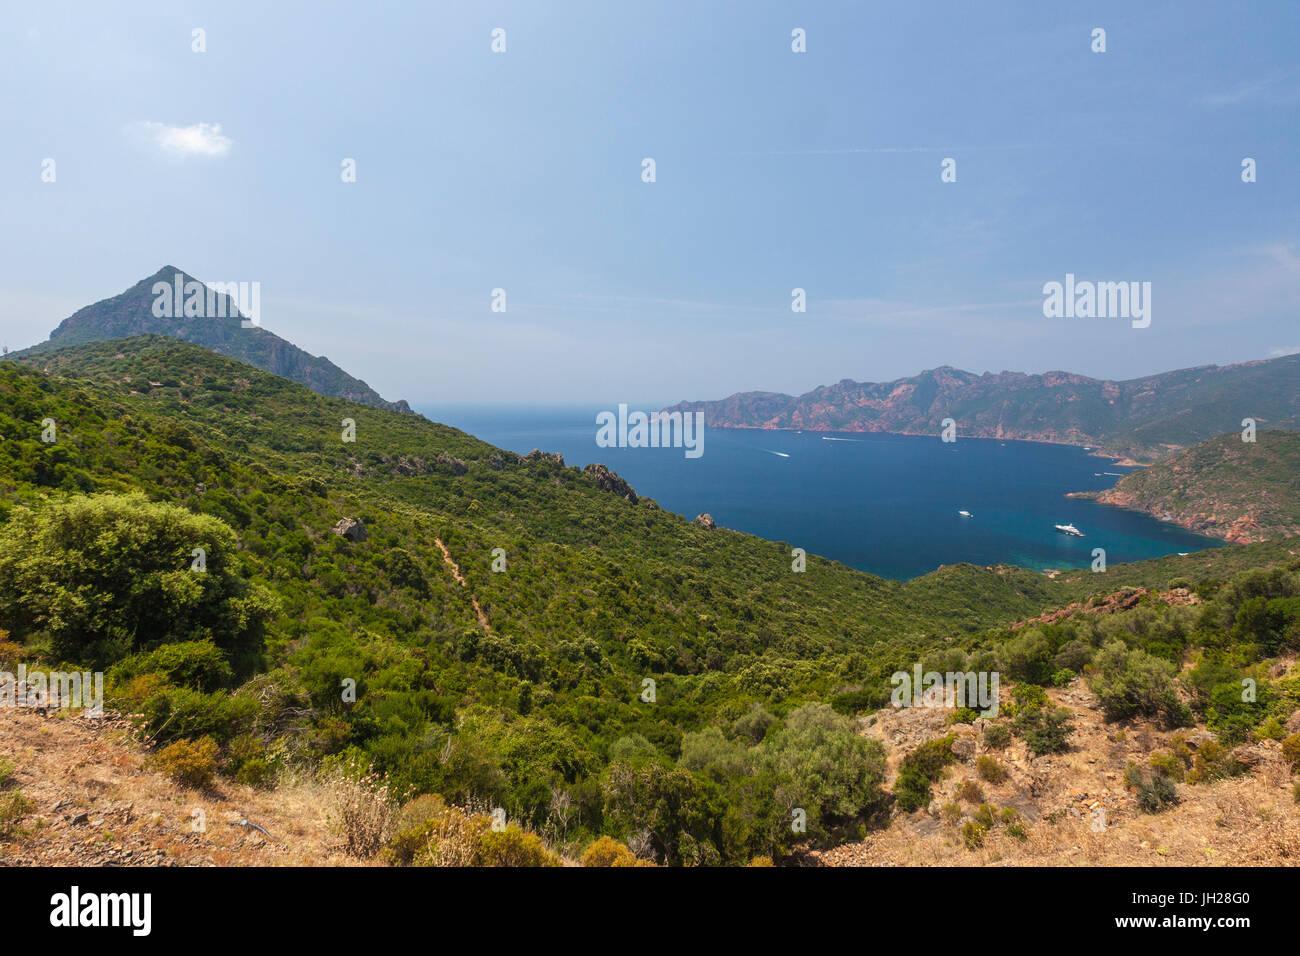 Draufsicht des türkisfarbenen Meer und Bucht umrahmt von grüner Vegetation auf dem Vorgebirge, Porto, Stockbild